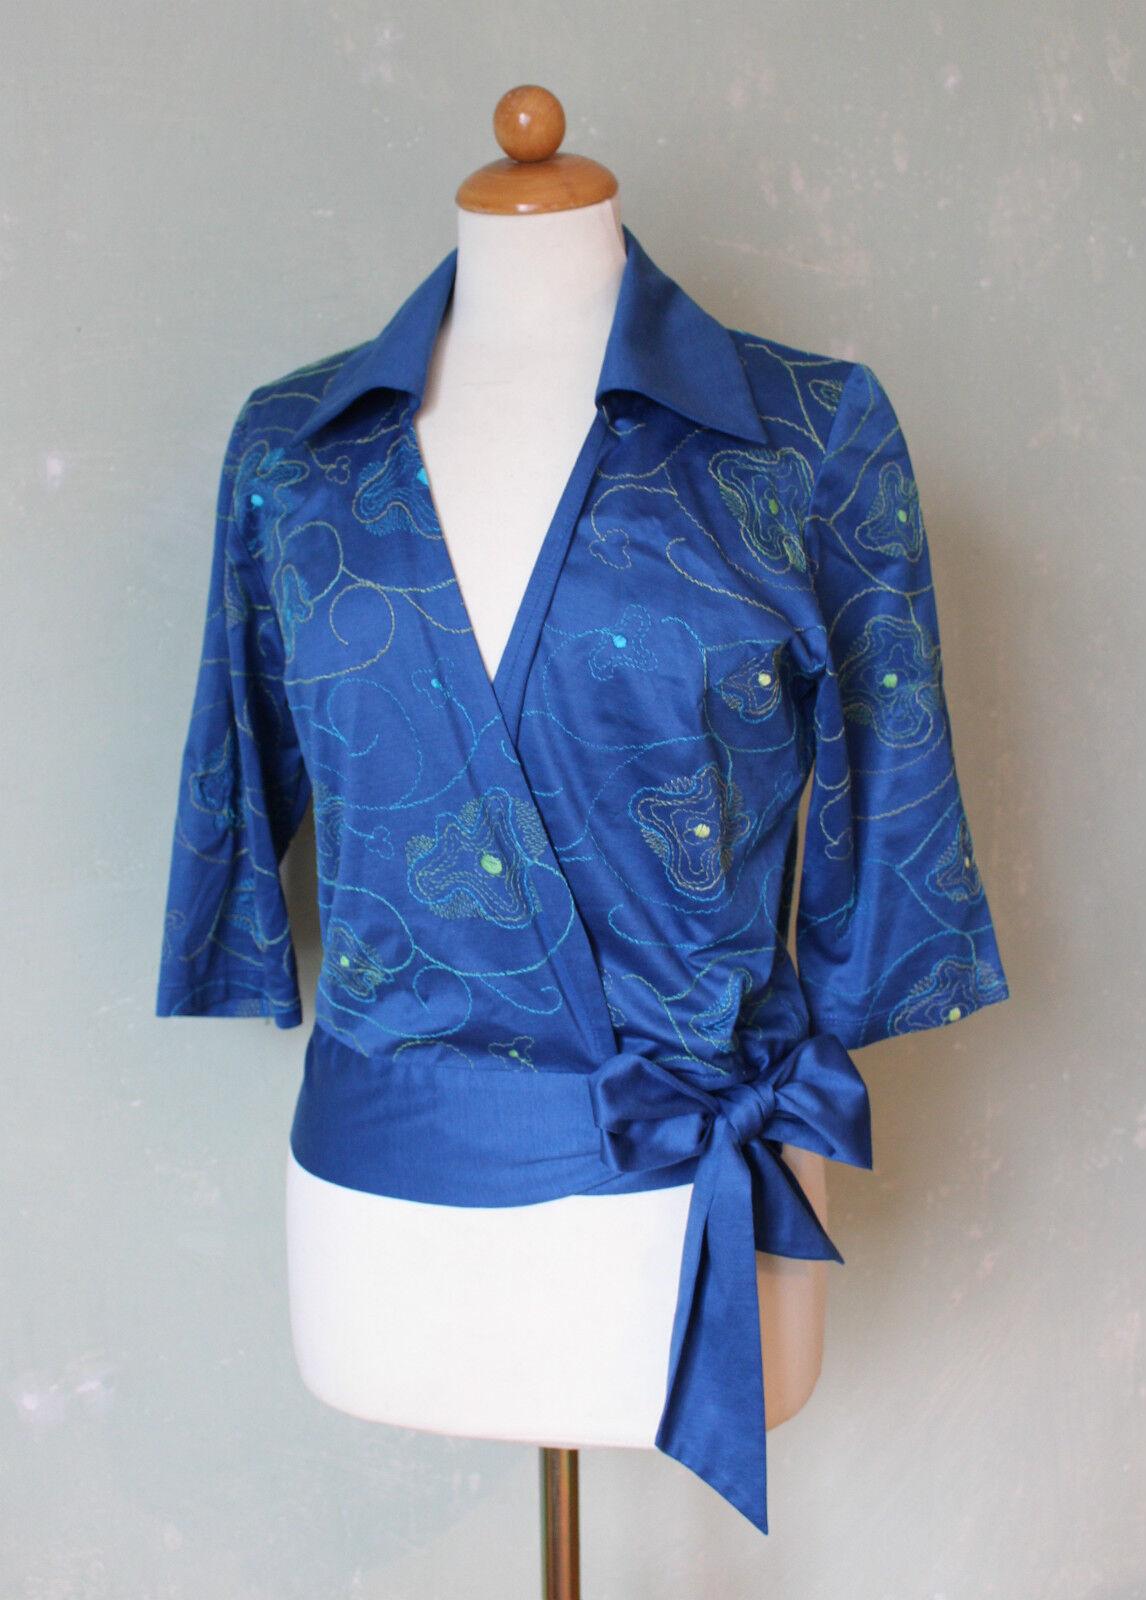 Annikki Karvinen Finland Blause Shirt Tunika Wickeltop blau Blaumen Gr. M 38 (S5)